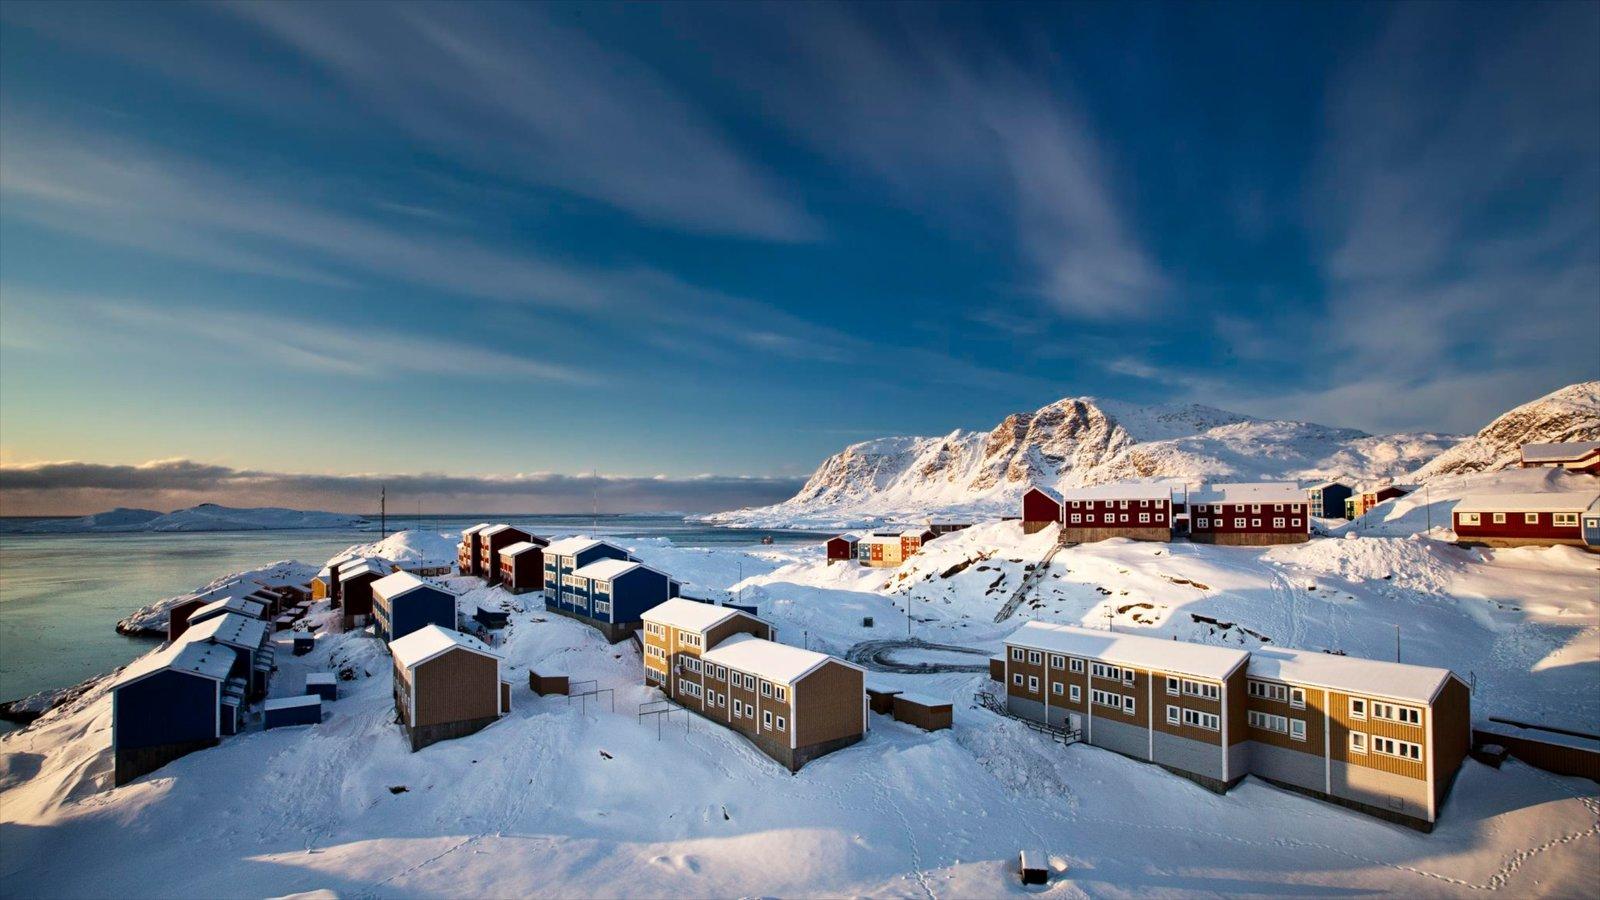 Sisimiut ofreciendo nieve y una pequeña ciudad o pueblo